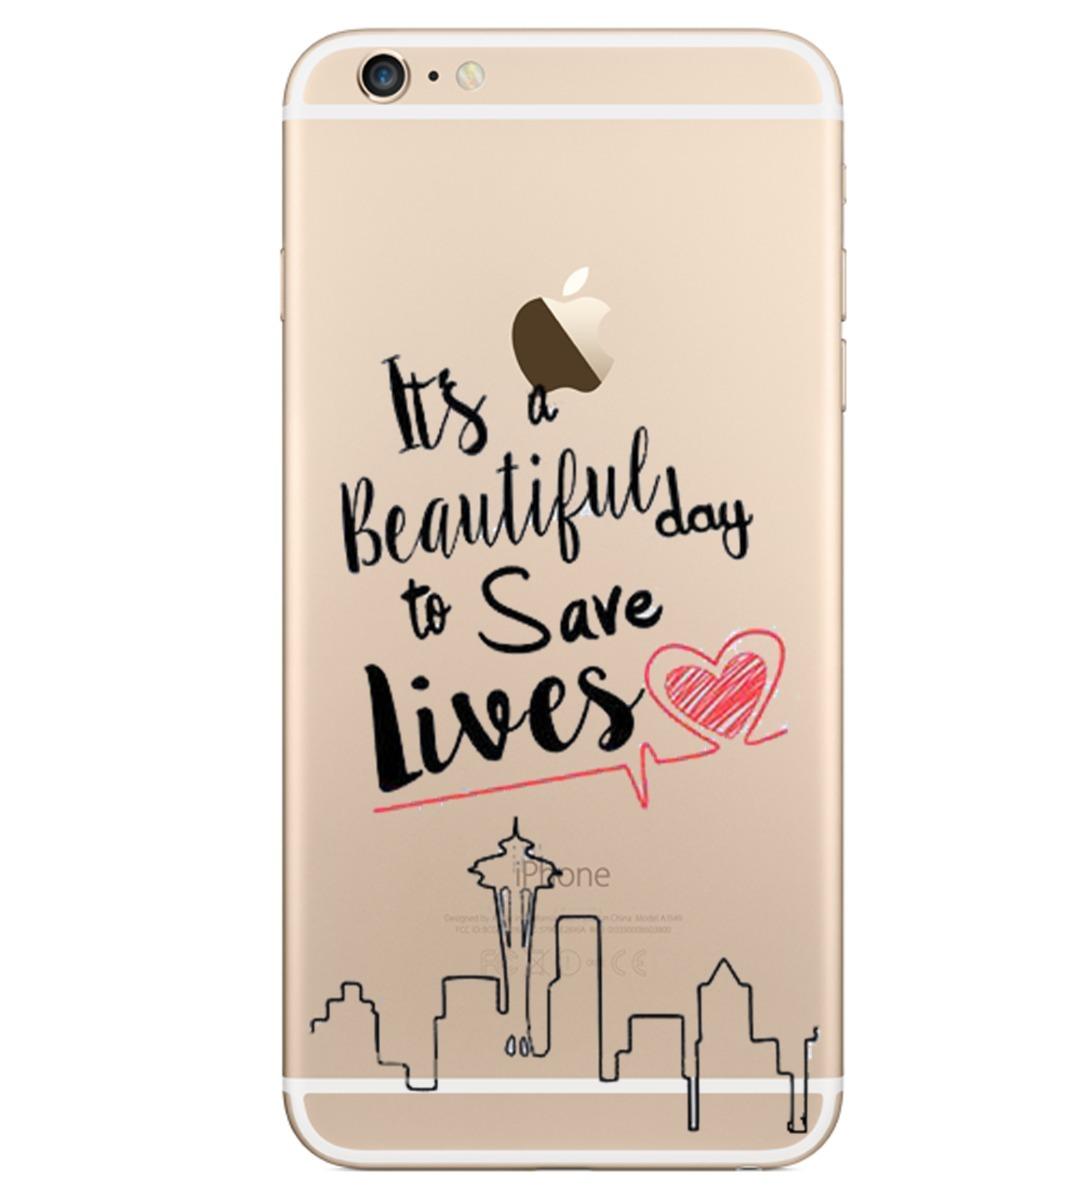 Capinha Case Capa Iphone Greys Anatomy Save Lives - R$ 19,90 em ...